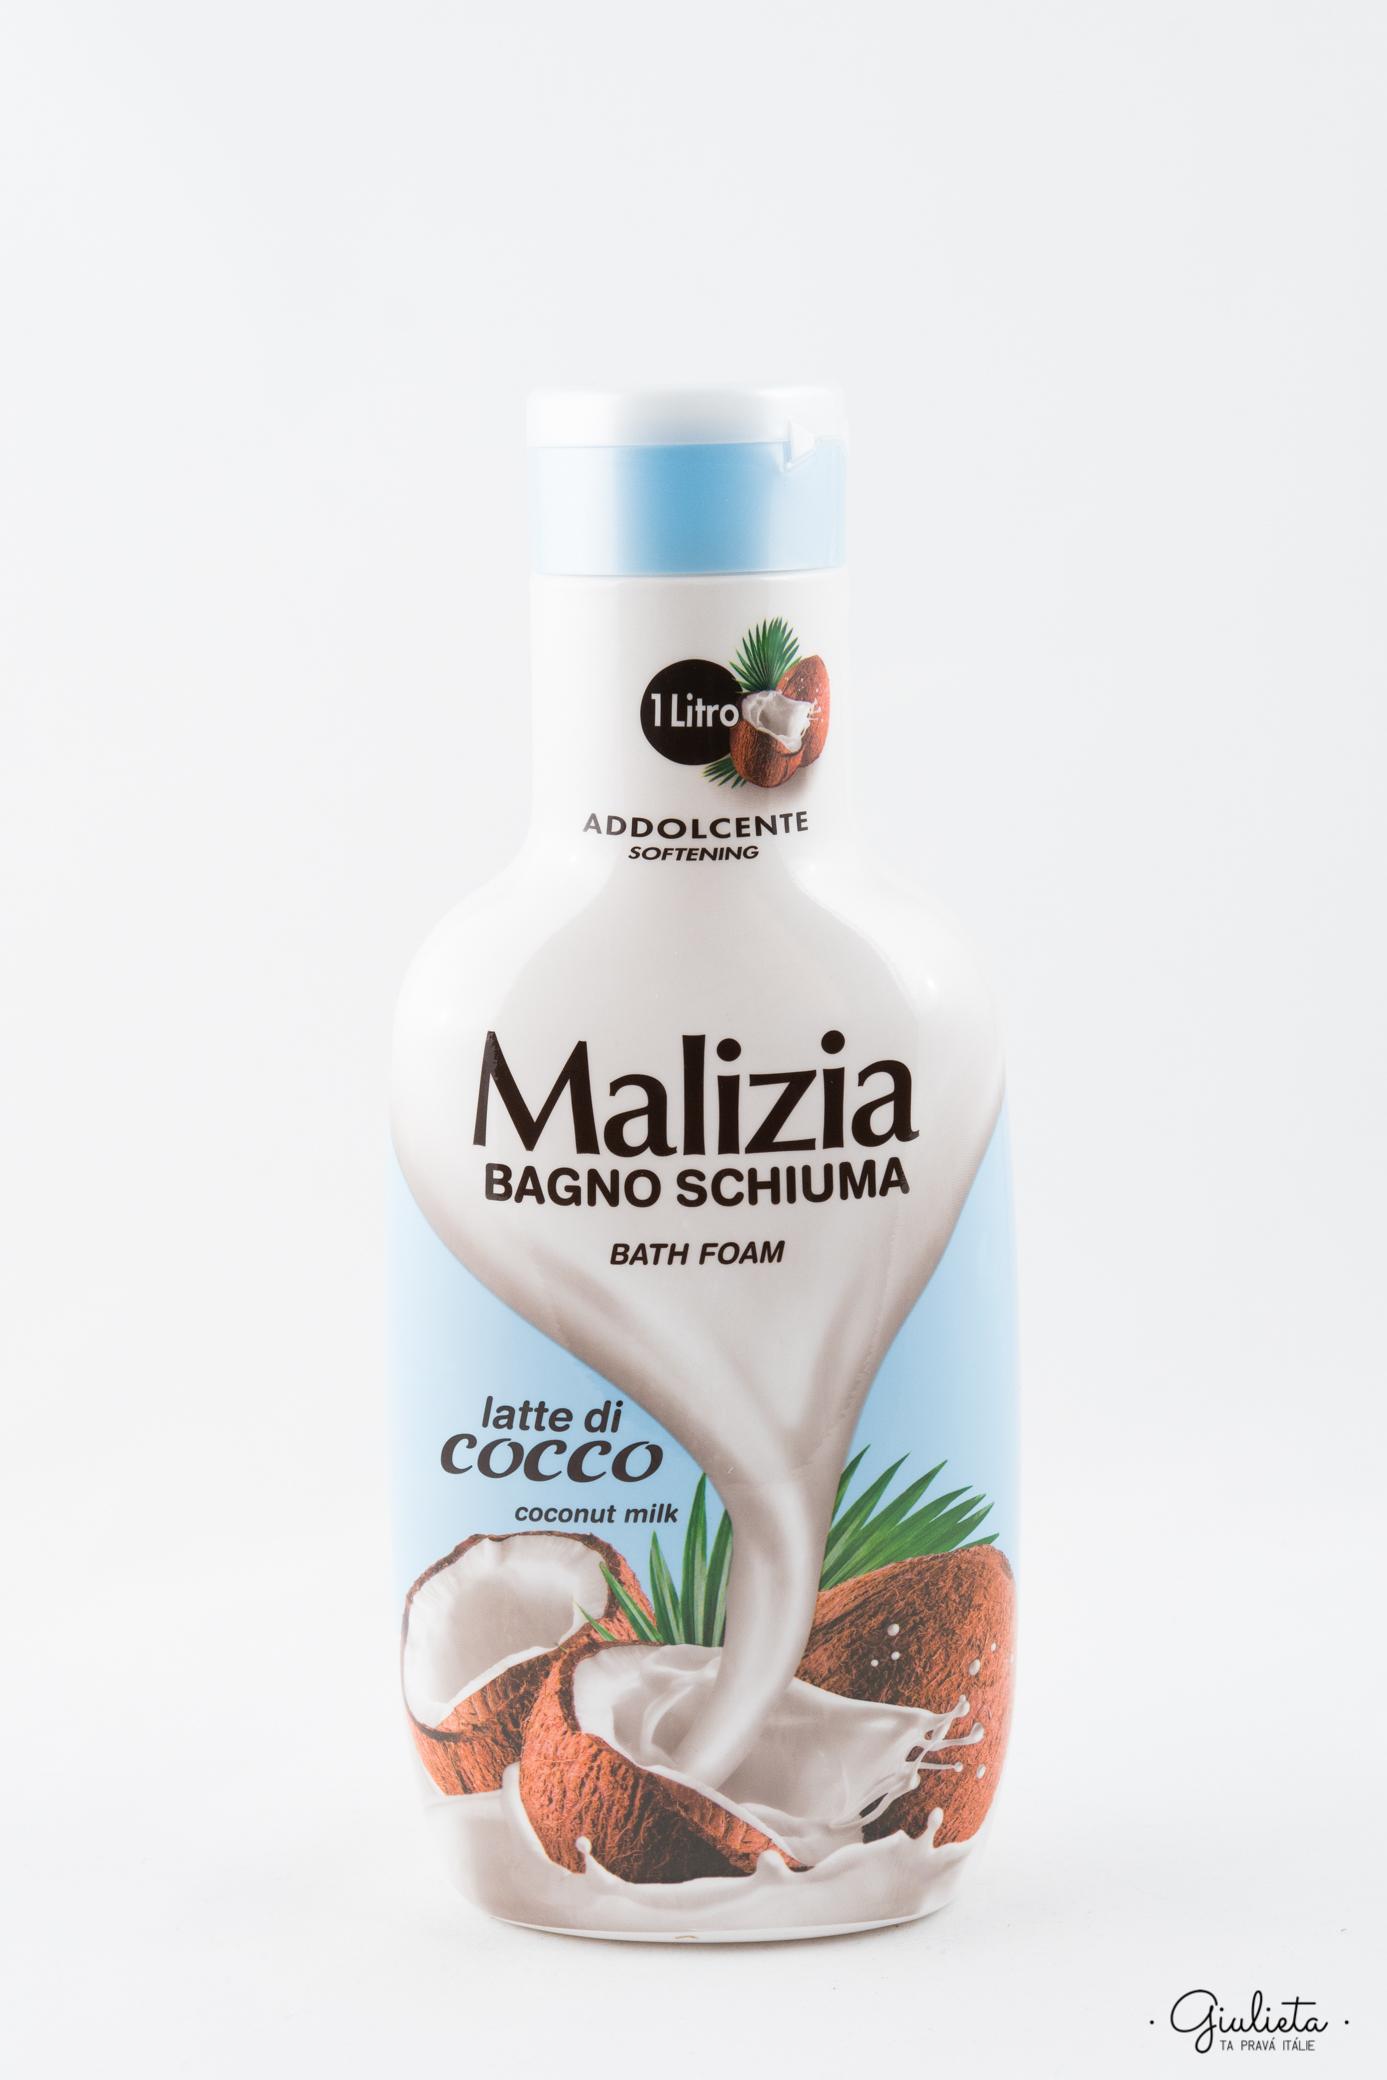 MALIZIA PĚNA DO KOUPELE, COCCO 1 L